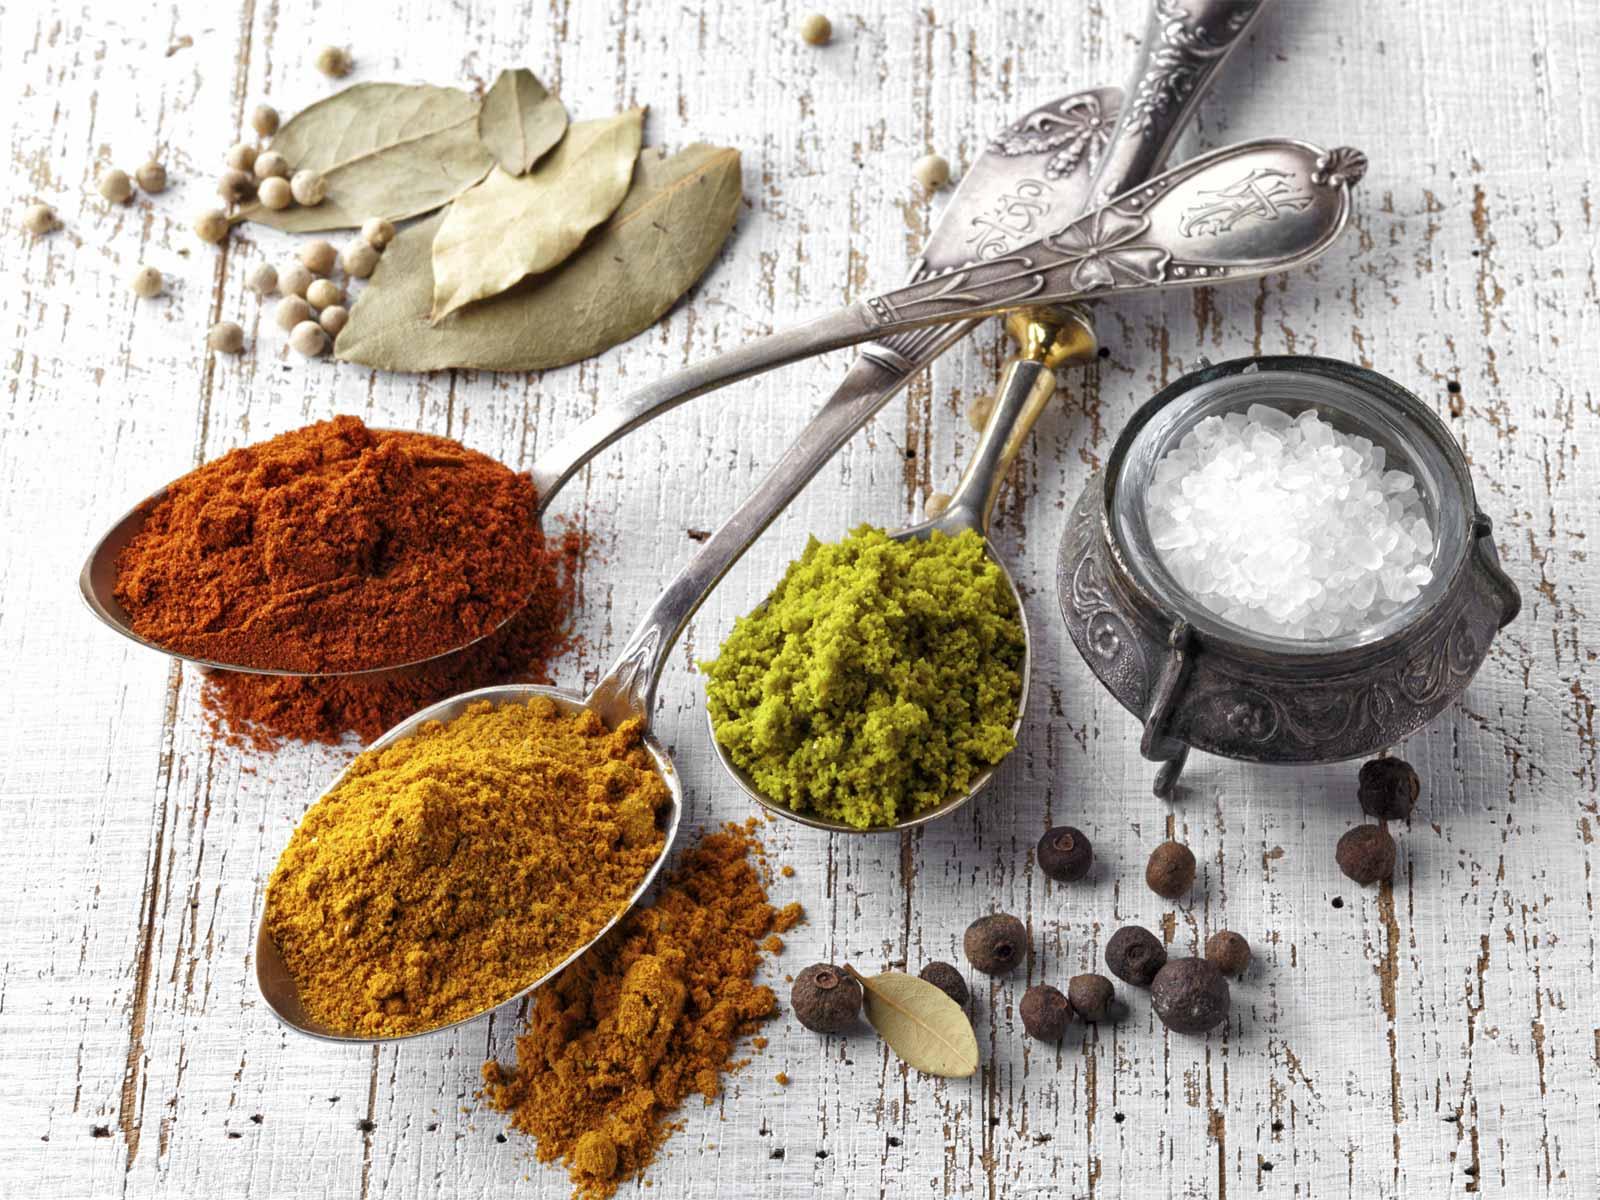 przyprawianie rosołu, sól, pieprz, liść laurowy, ziele angielskie, lubczyk, Rozmaryn, czosnek,